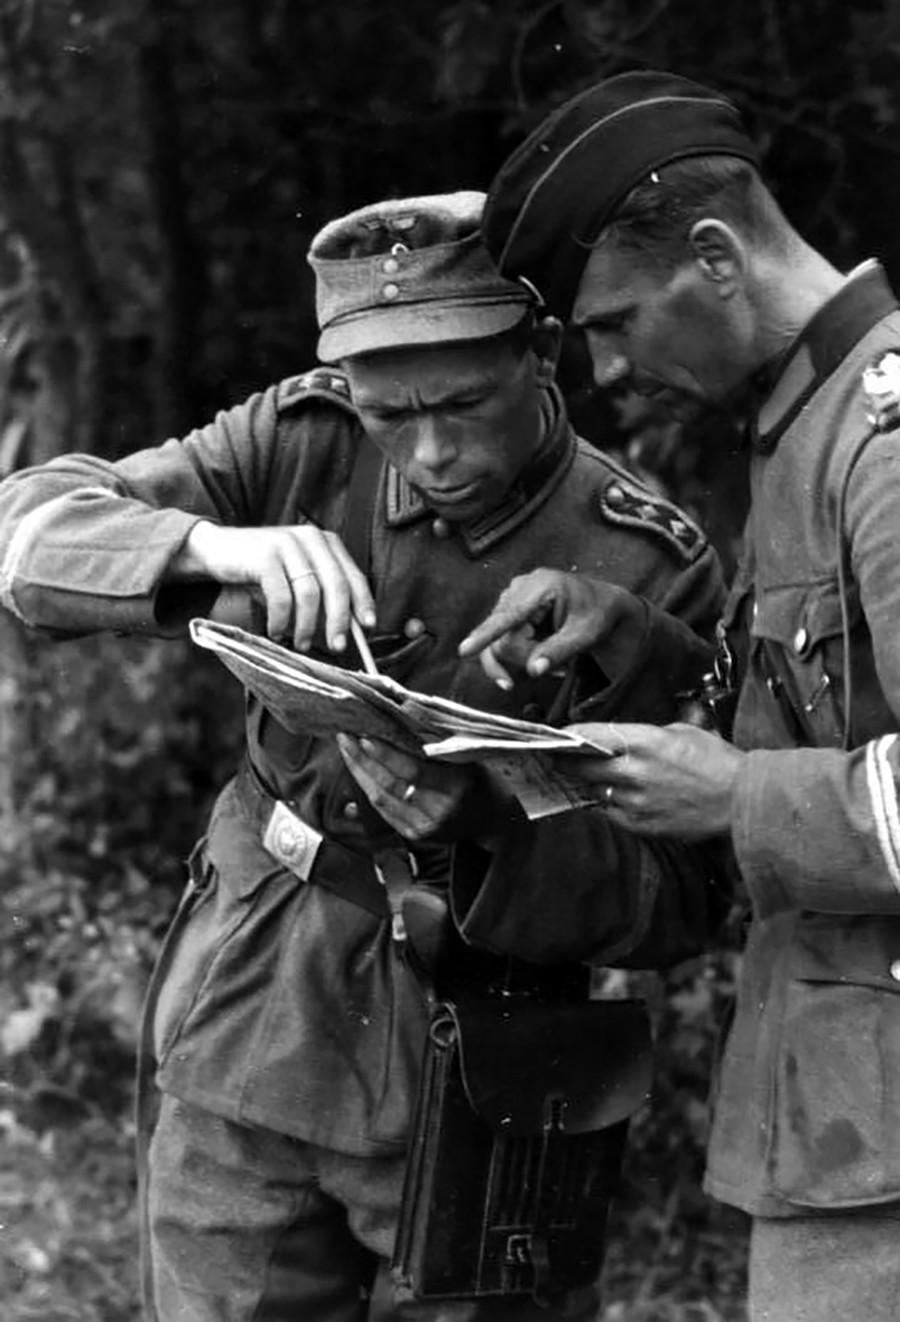 Vojaka Wehrmachta